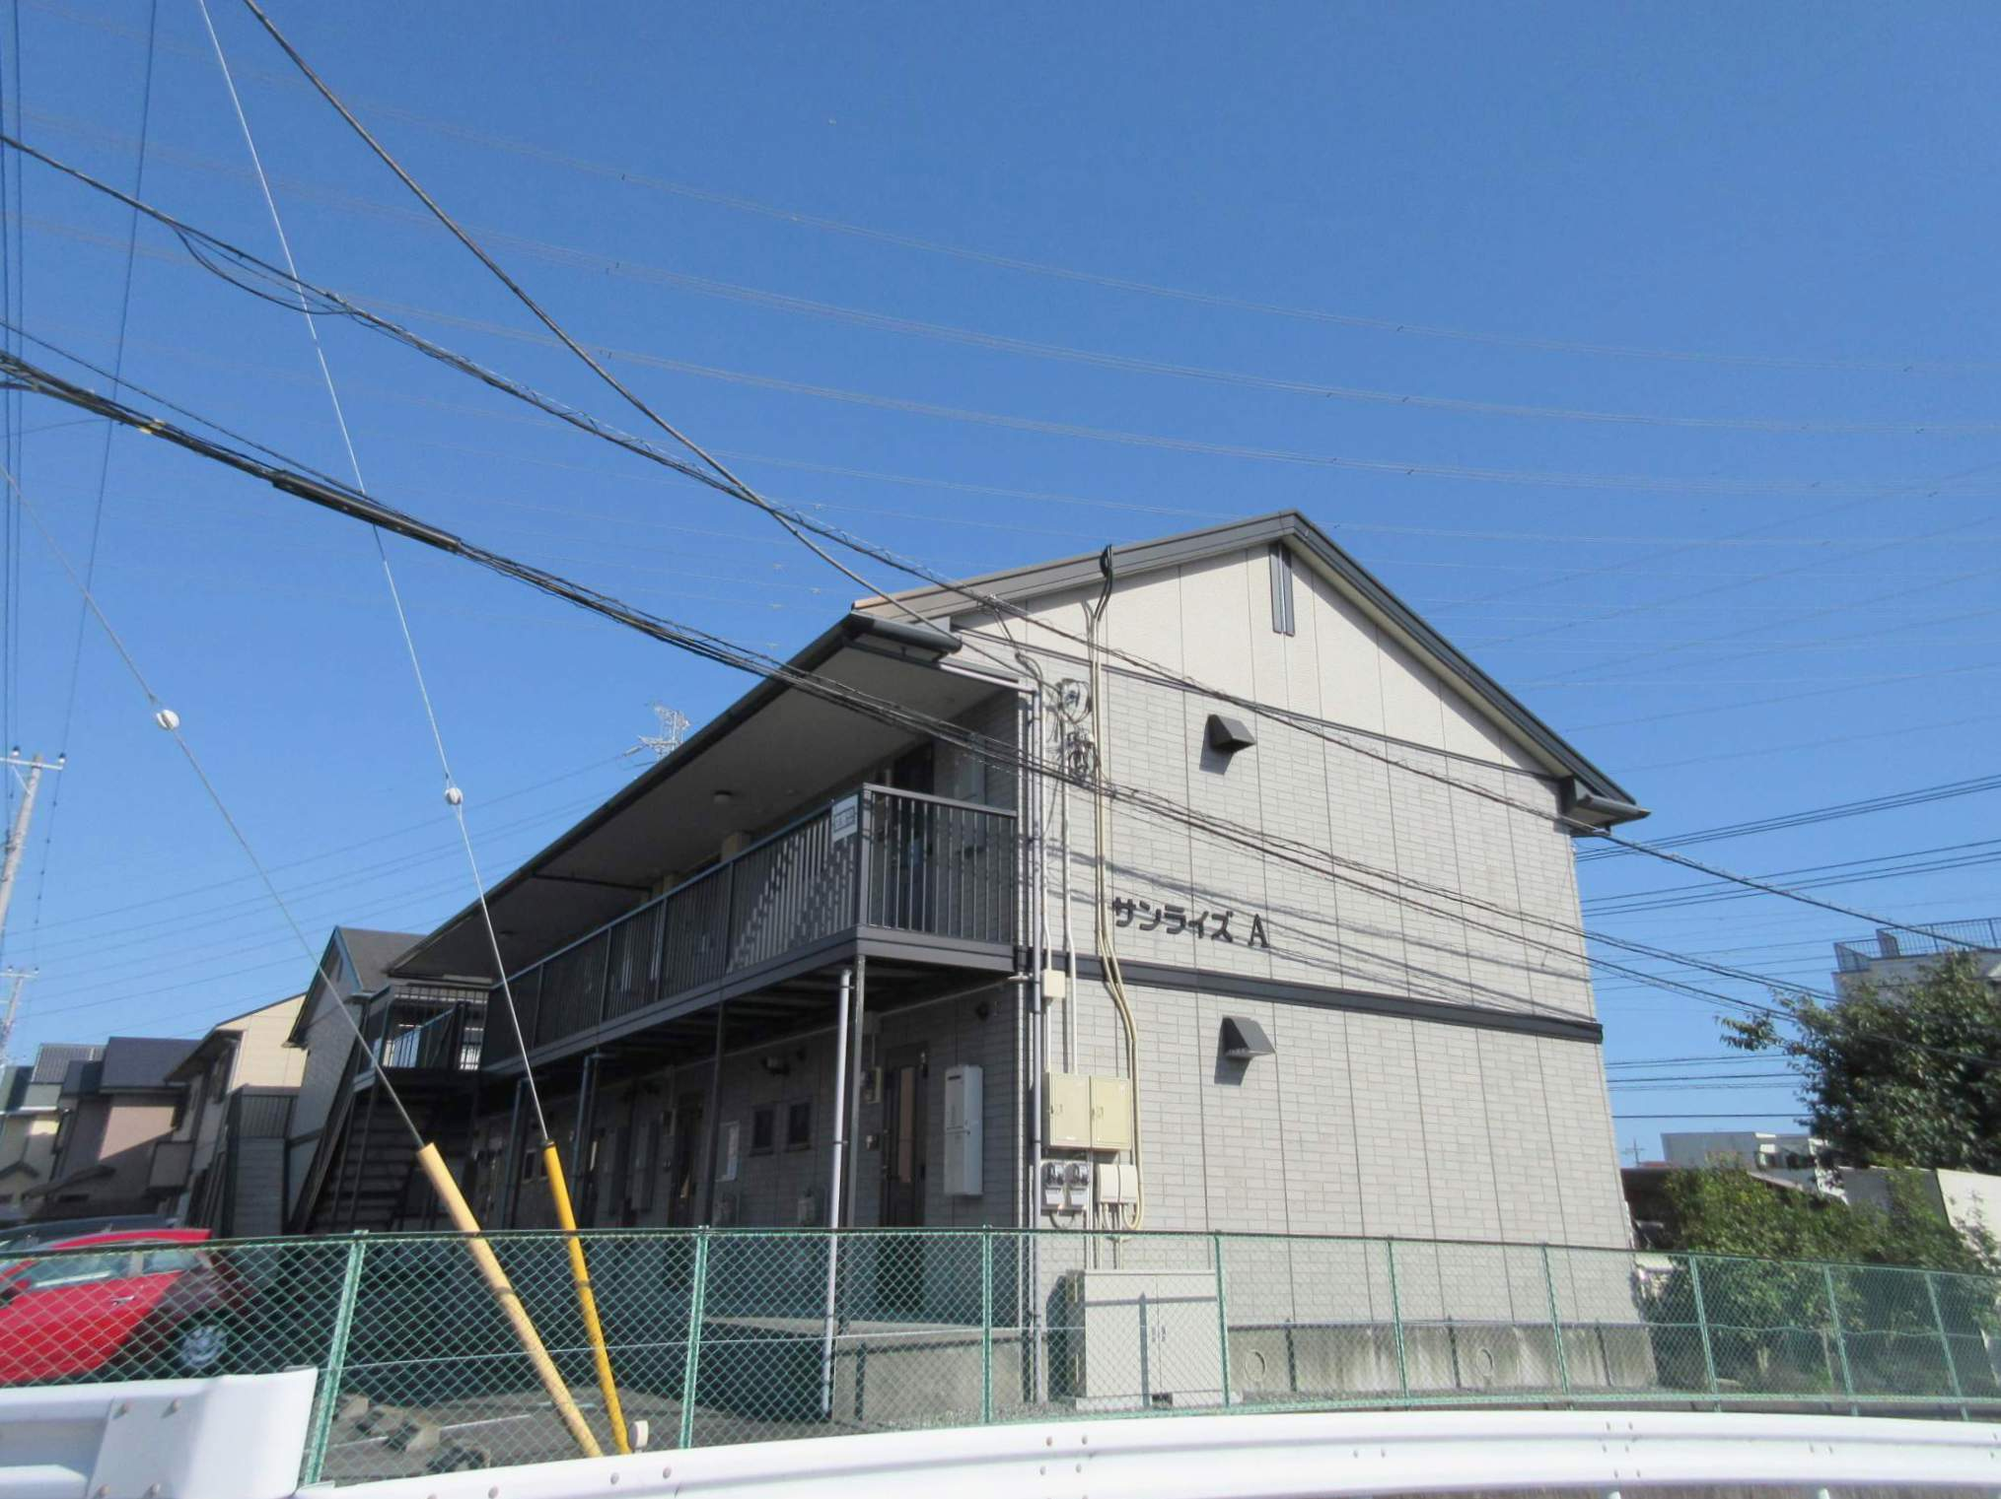 静岡県駿東郡長泉町、長泉なめり駅徒歩13分の築18年 2階建の賃貸アパート